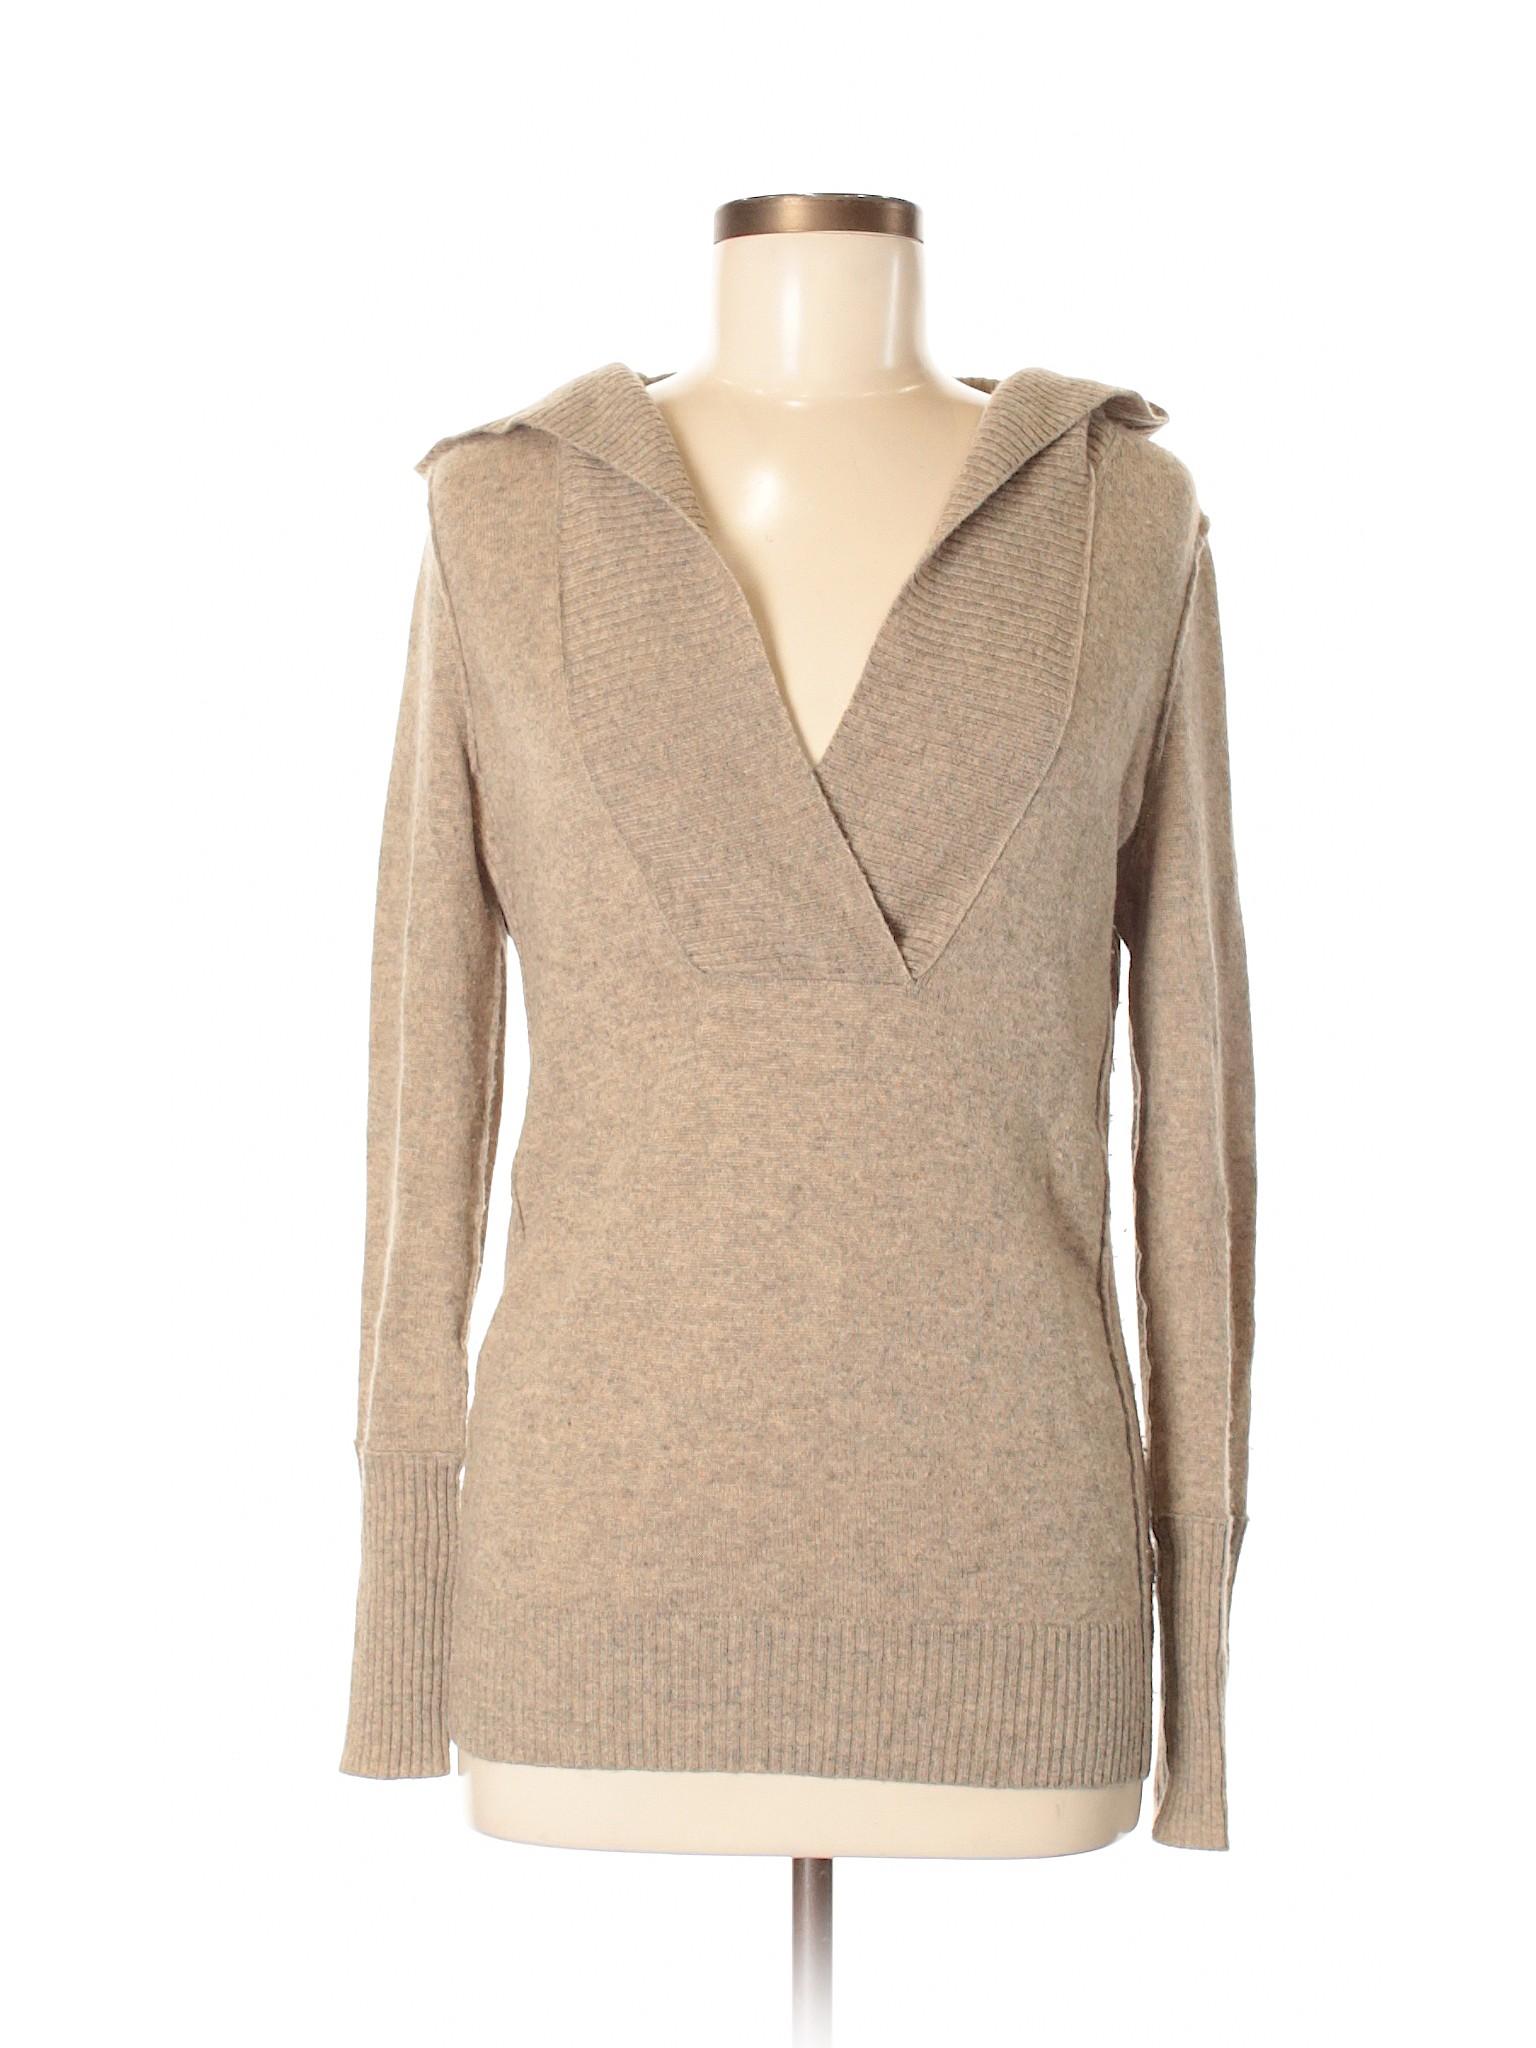 Boutique Joie Pullover Sweater Plage a La Cashmere ZRqvagZw